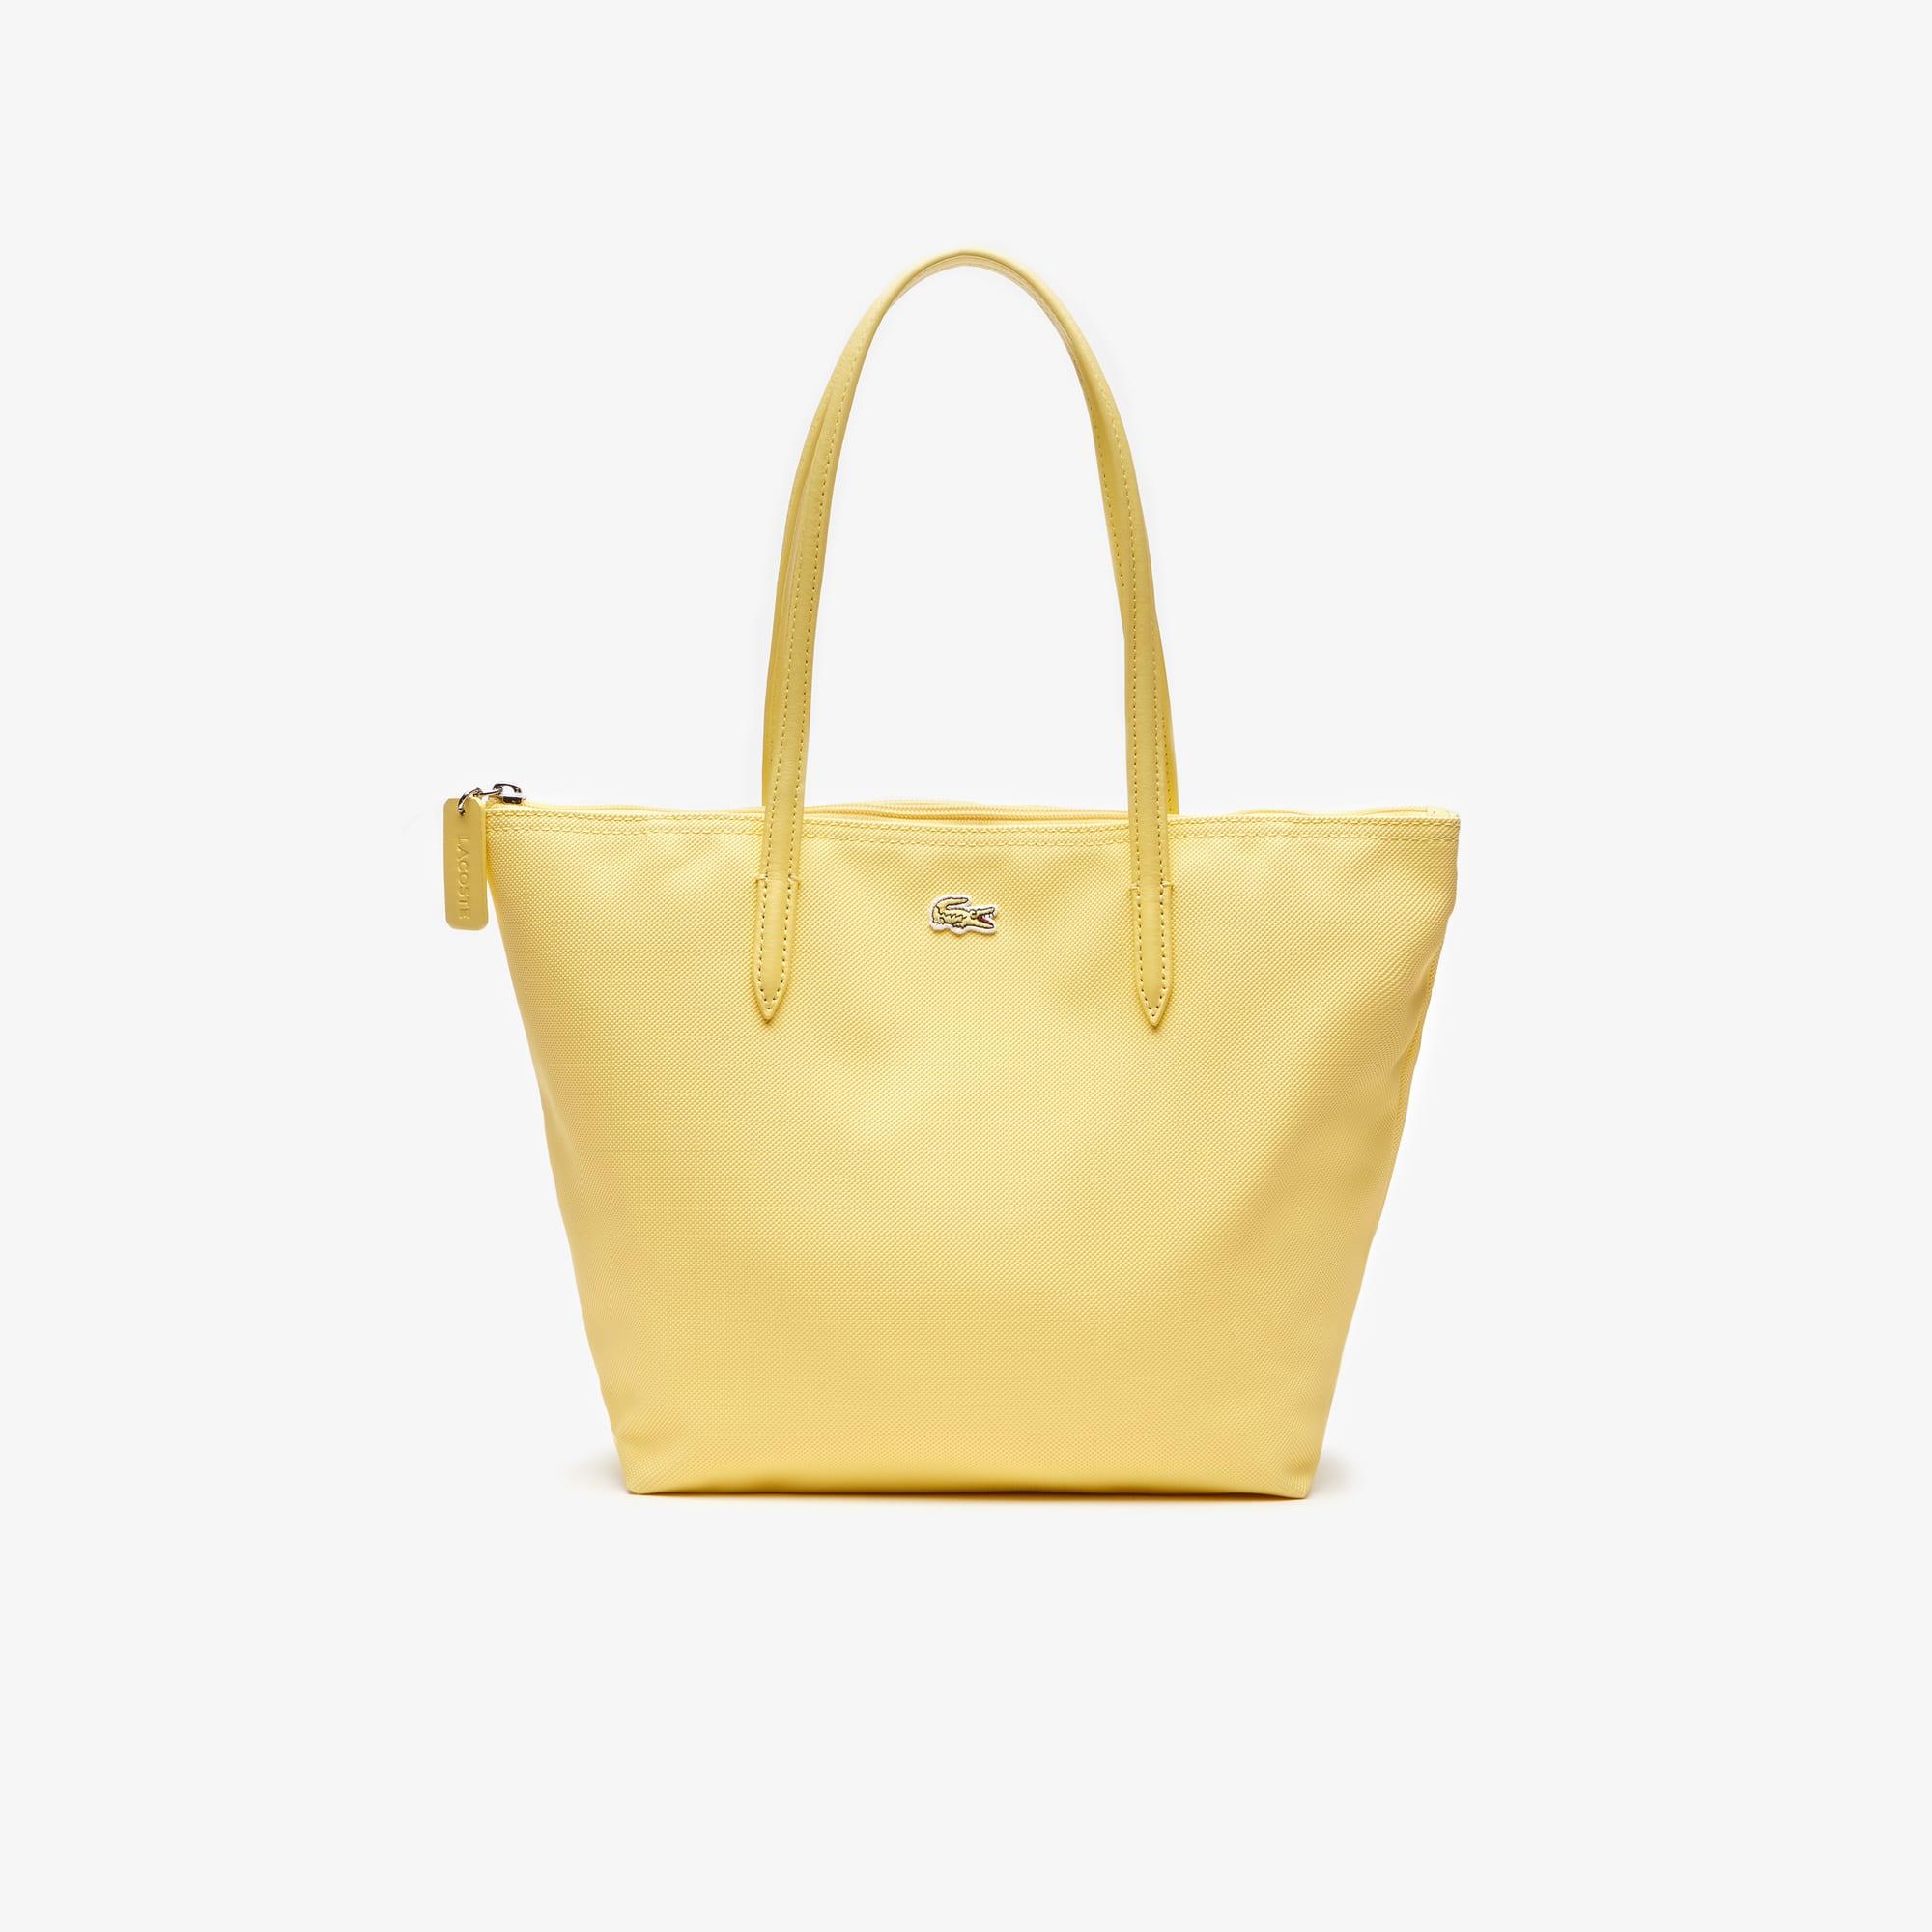 Women's L.12.12 Small Tote Bag